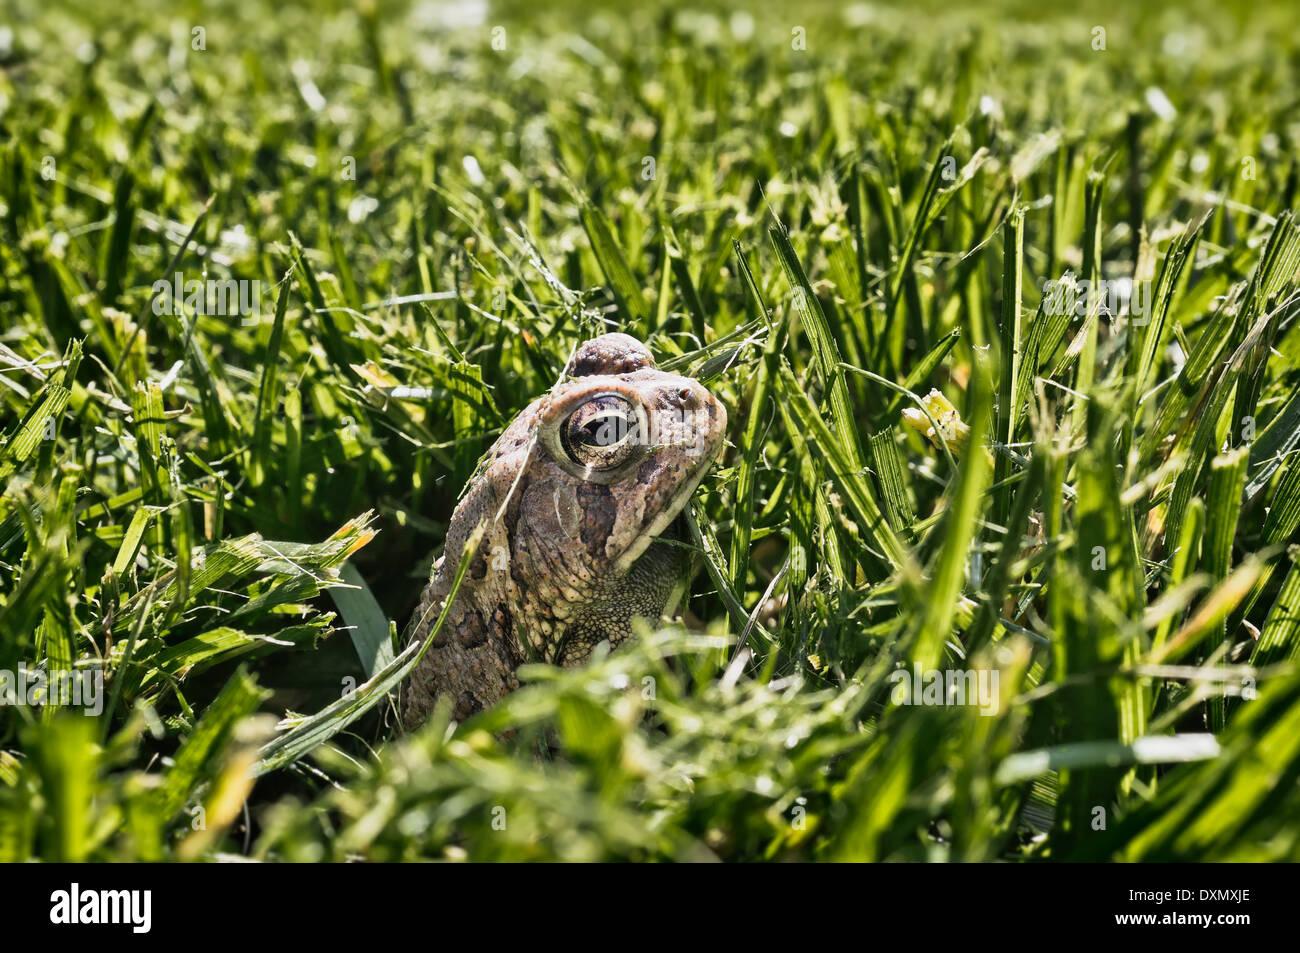 Toad atteint un sommet à partir d'herbe fraîchement coupée après avoir survécu à la tonte du gazon Photo Stock